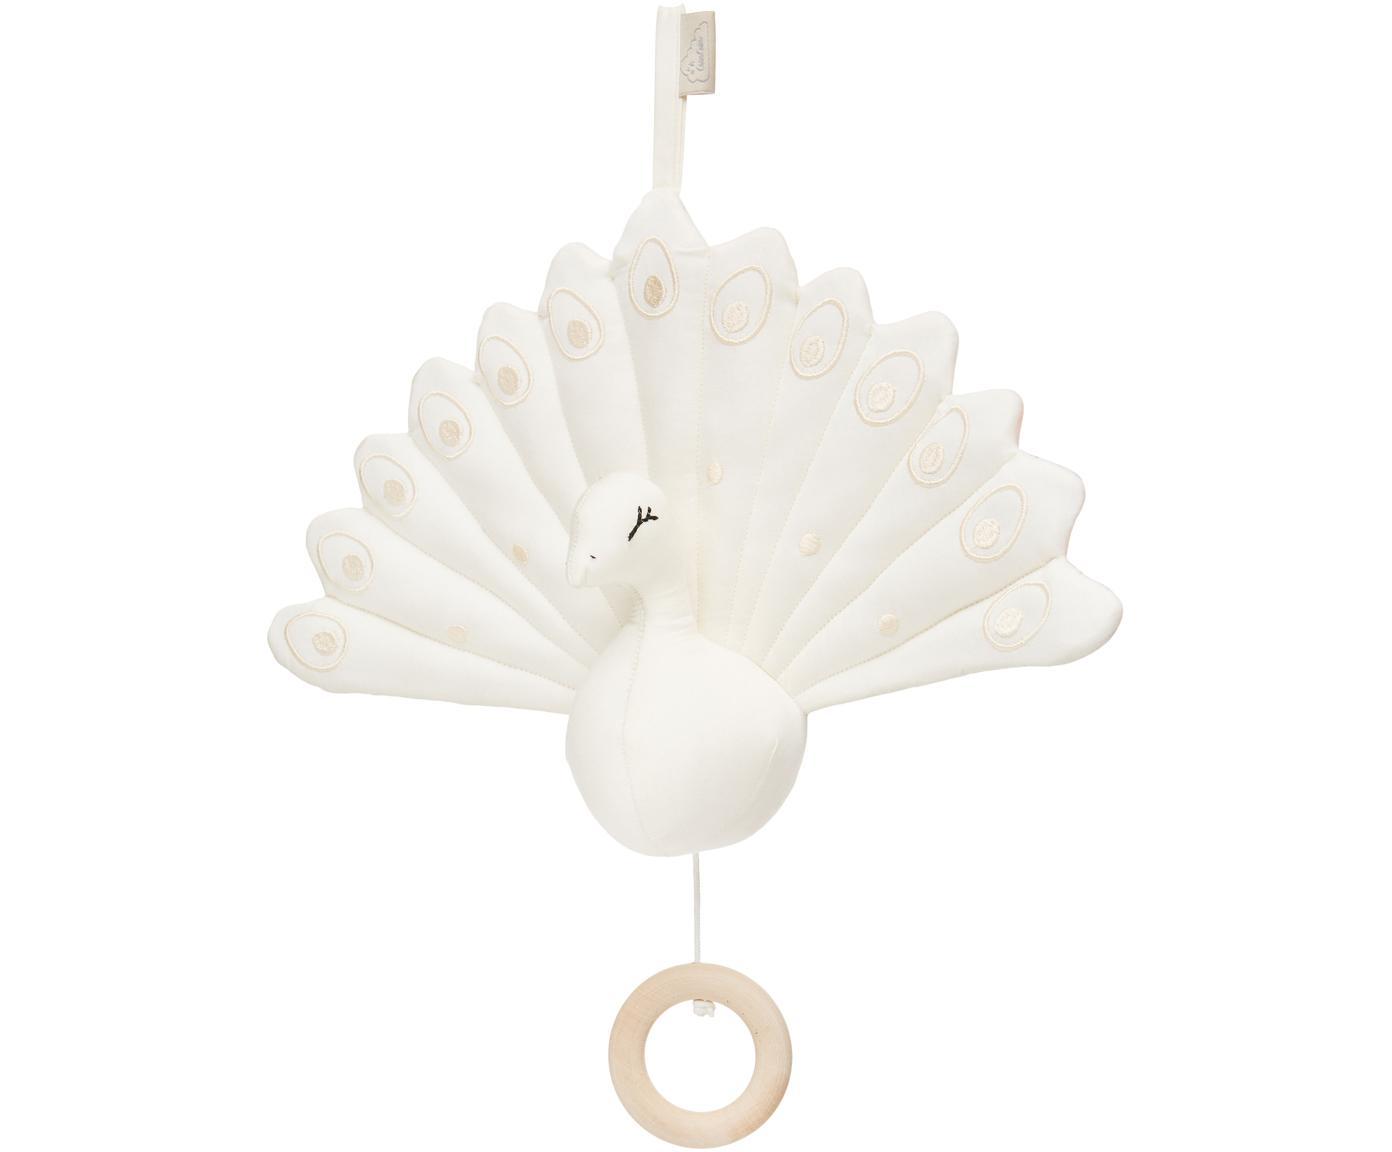 Spieluhr Peacock aus Bio-Baumwolle, Bezug: Bio-Baumwolle, Creme, 18 x 24 cm